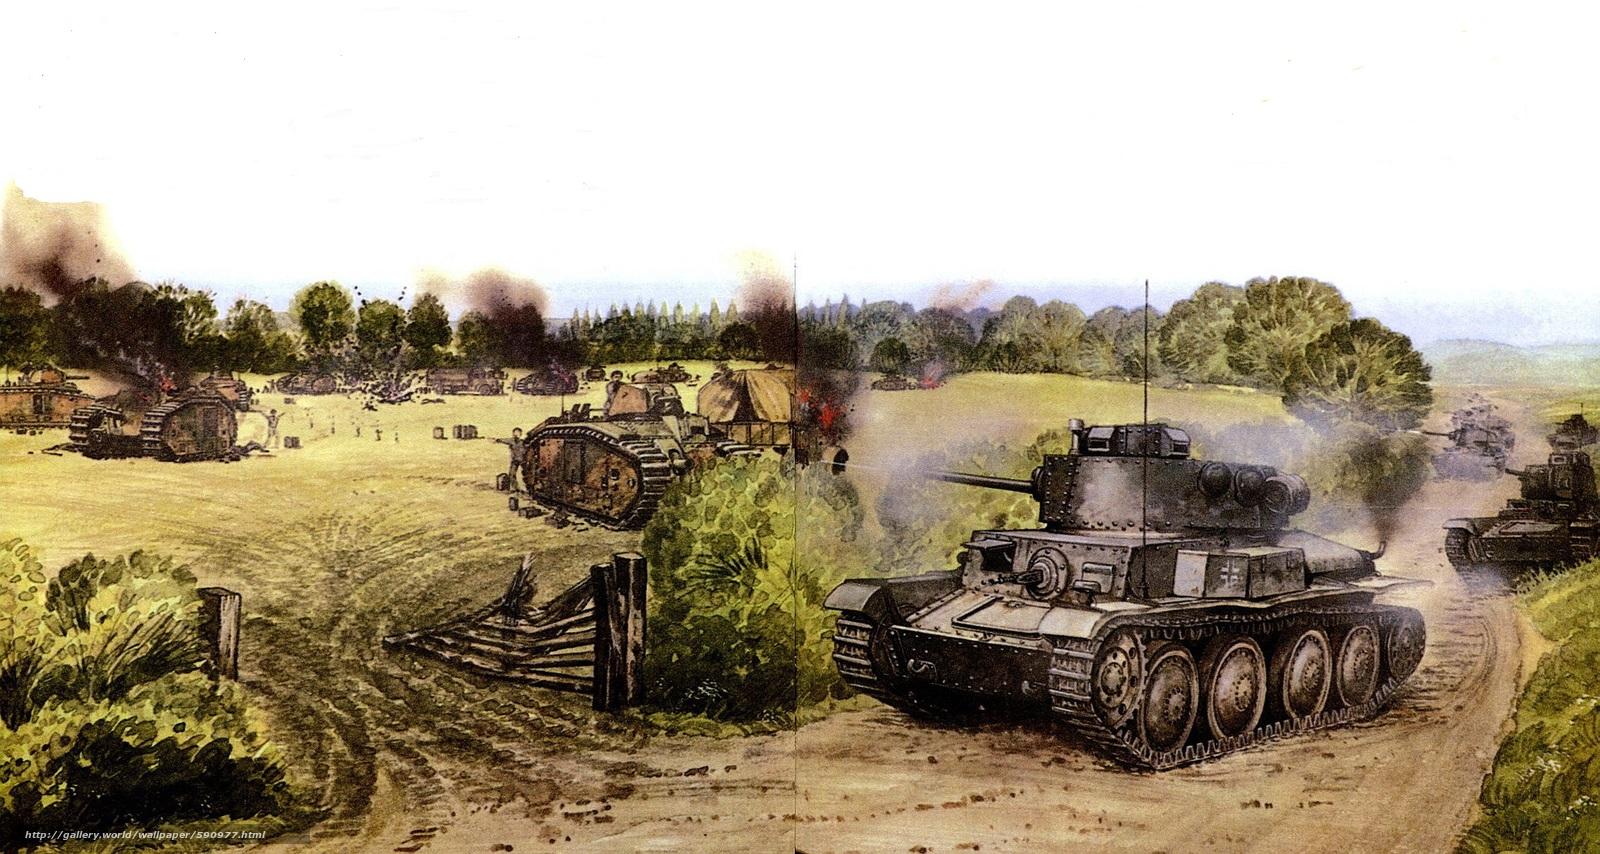 Картинка сражения танков